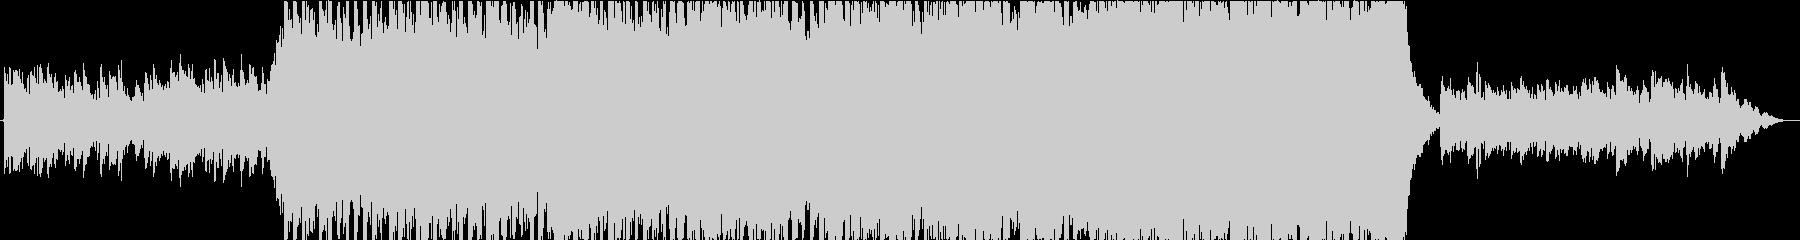 エレクトロ 交響曲 実験的な アク...の未再生の波形